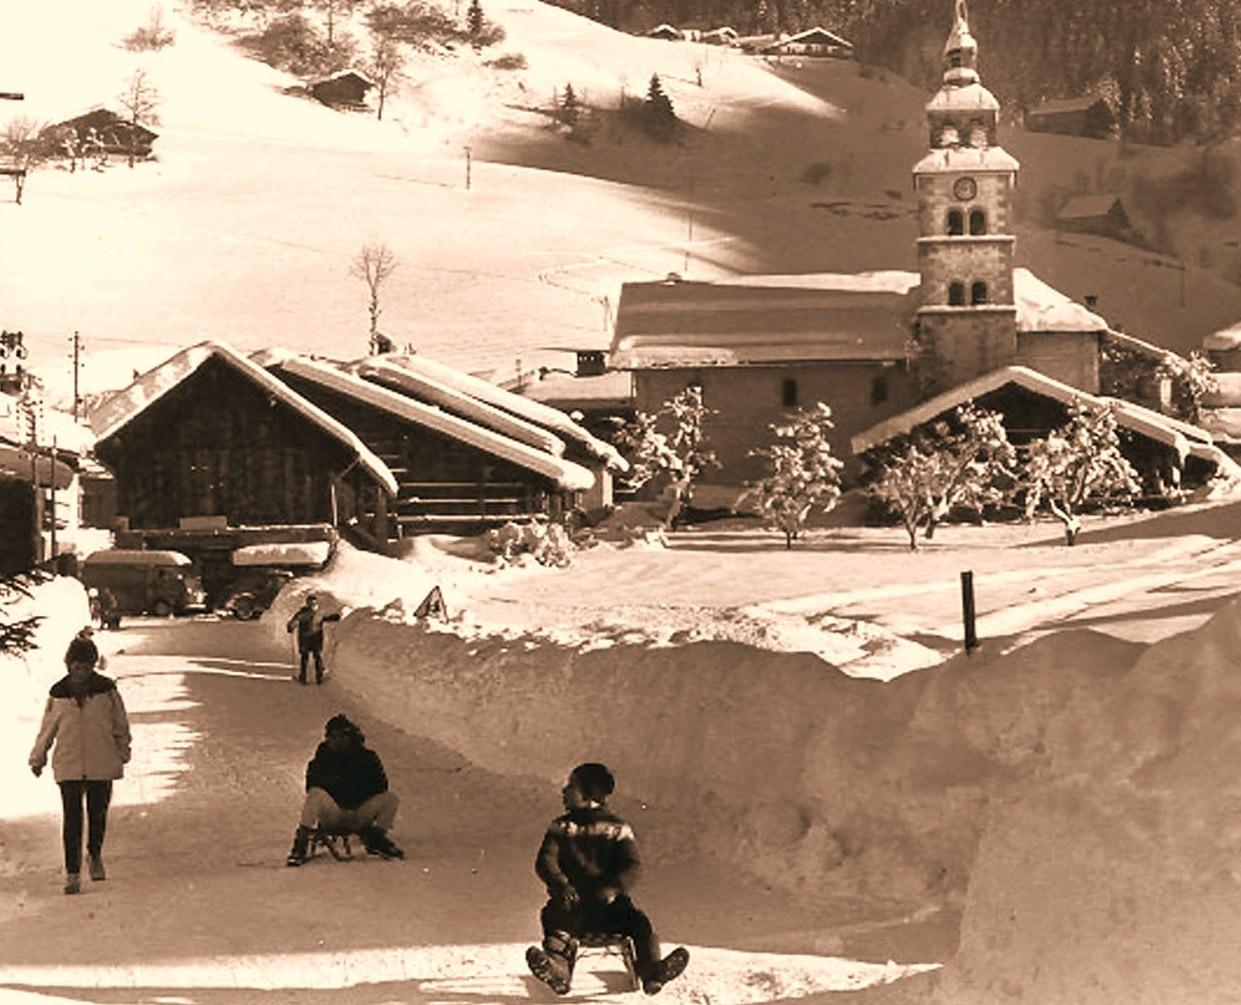 La route principale du village devant l'hôtel en hiver